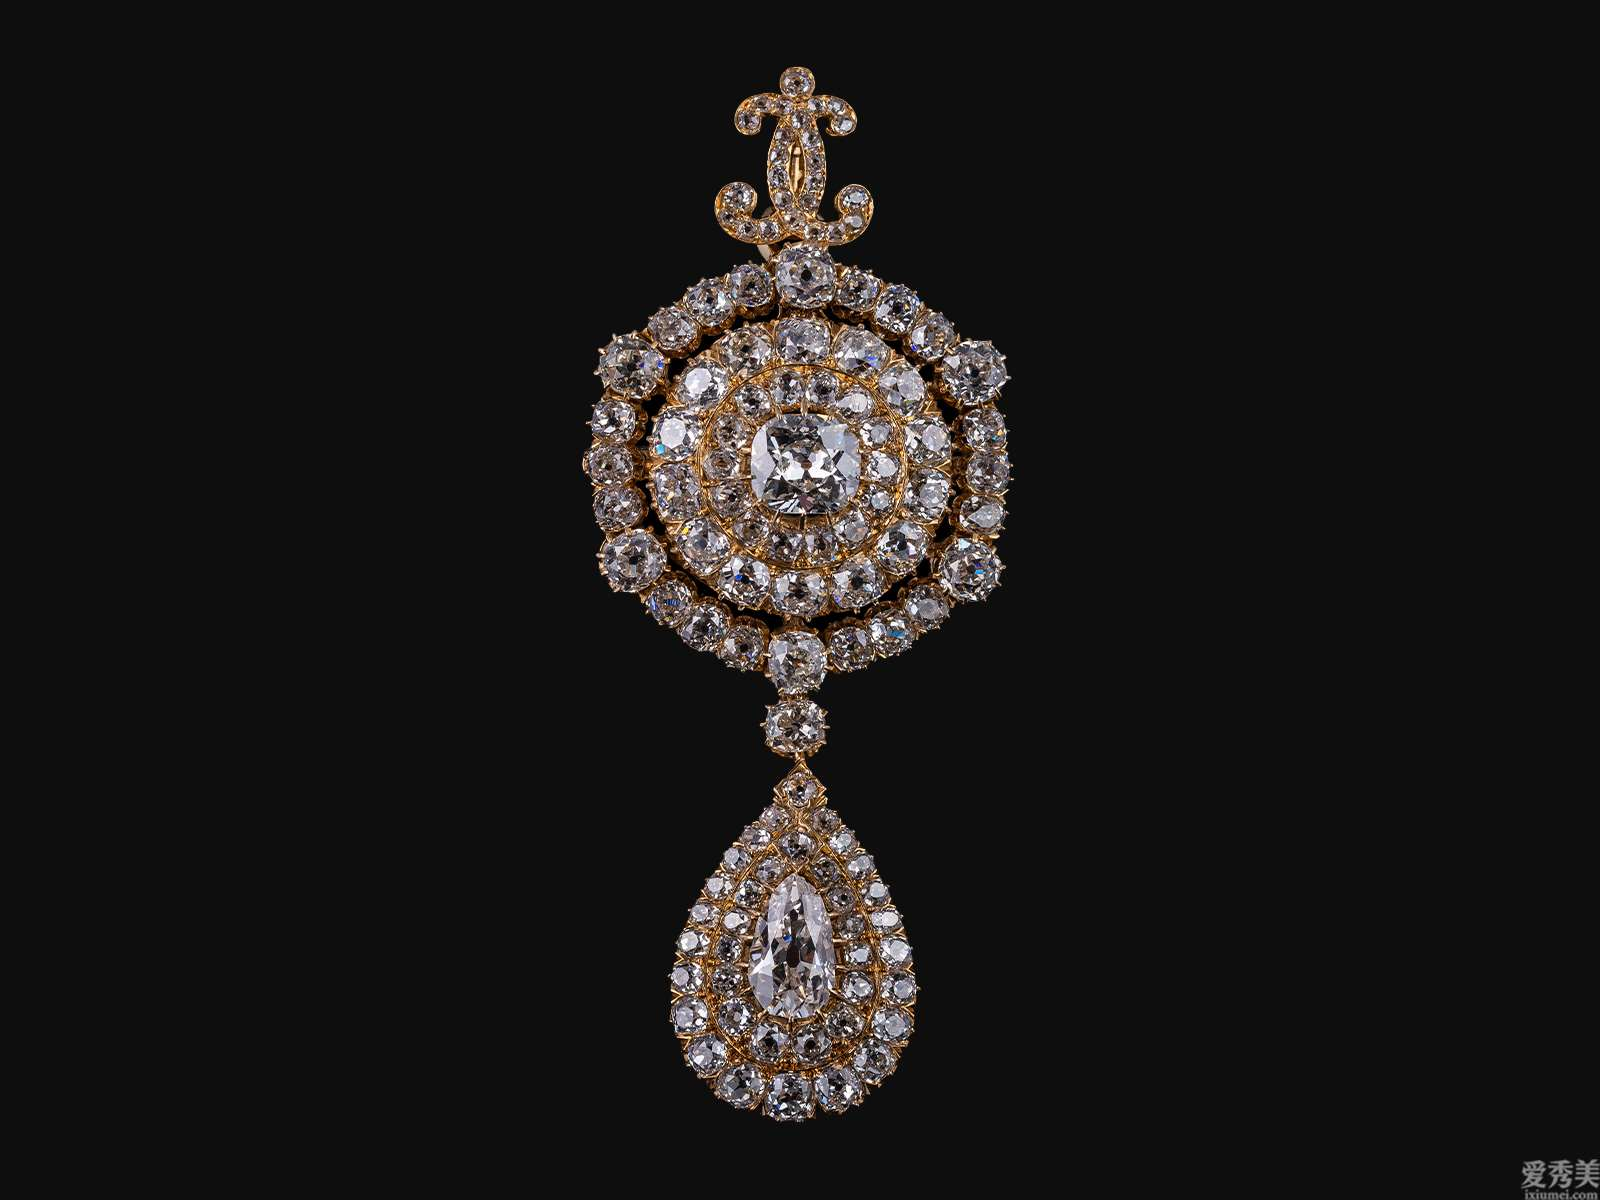 欧洲宫廷珠宝系列产品之「五」覺醒